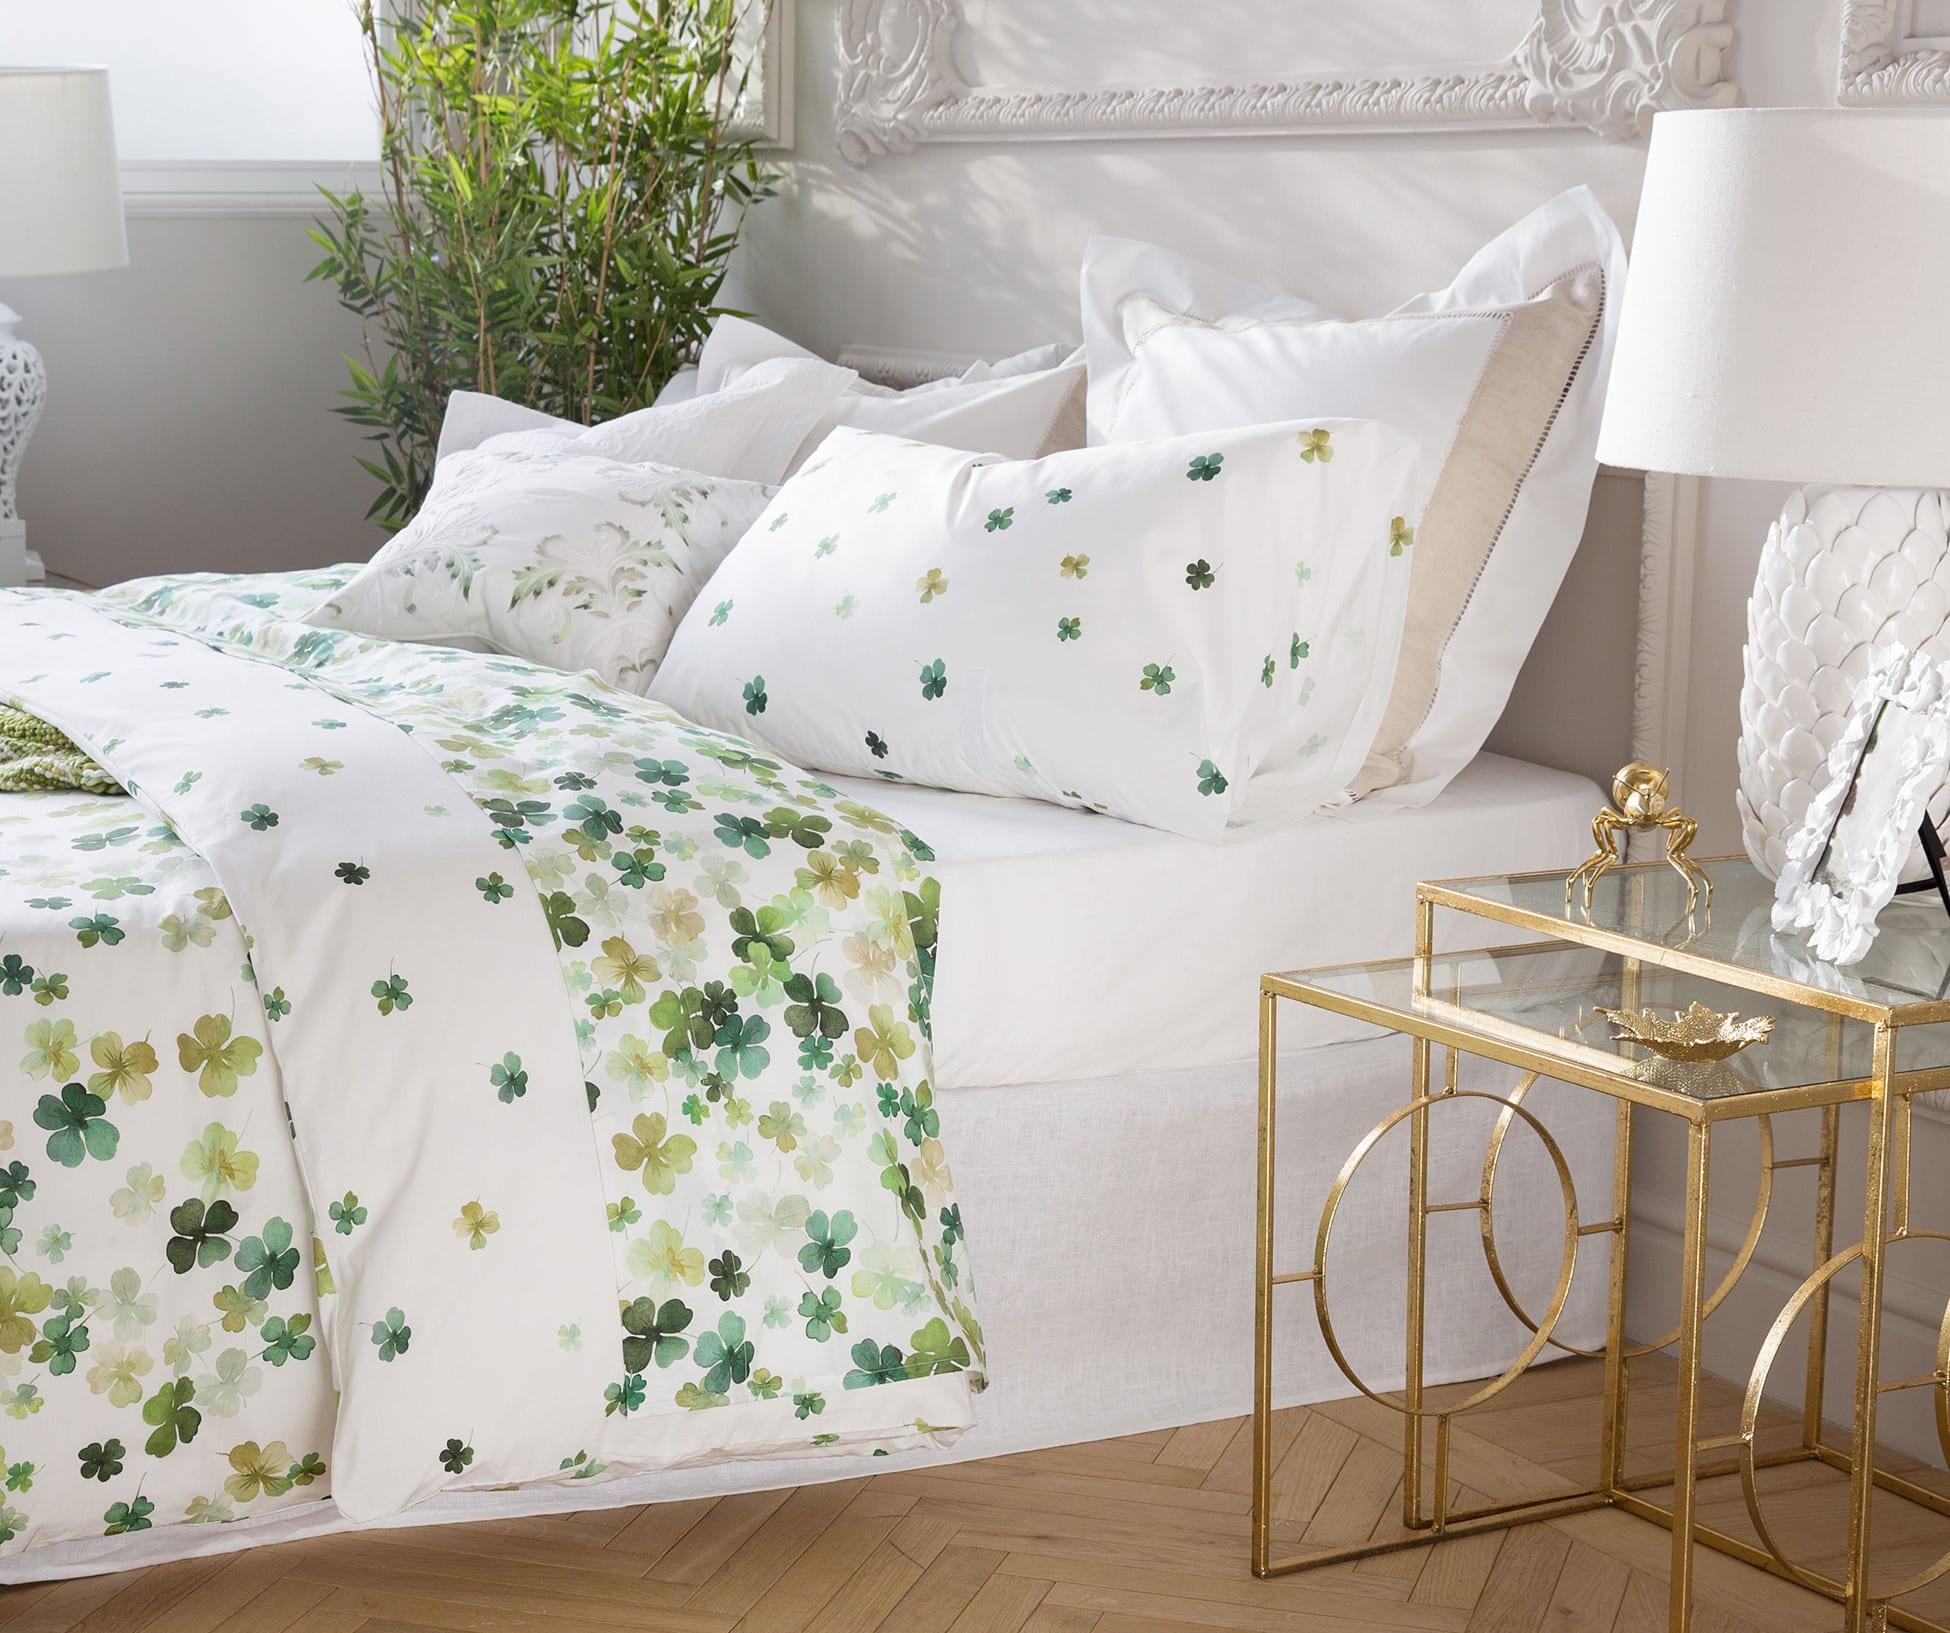 schlafzimmer einrichten mit zara home bettwäsche und modernen nachttischen glas und gold